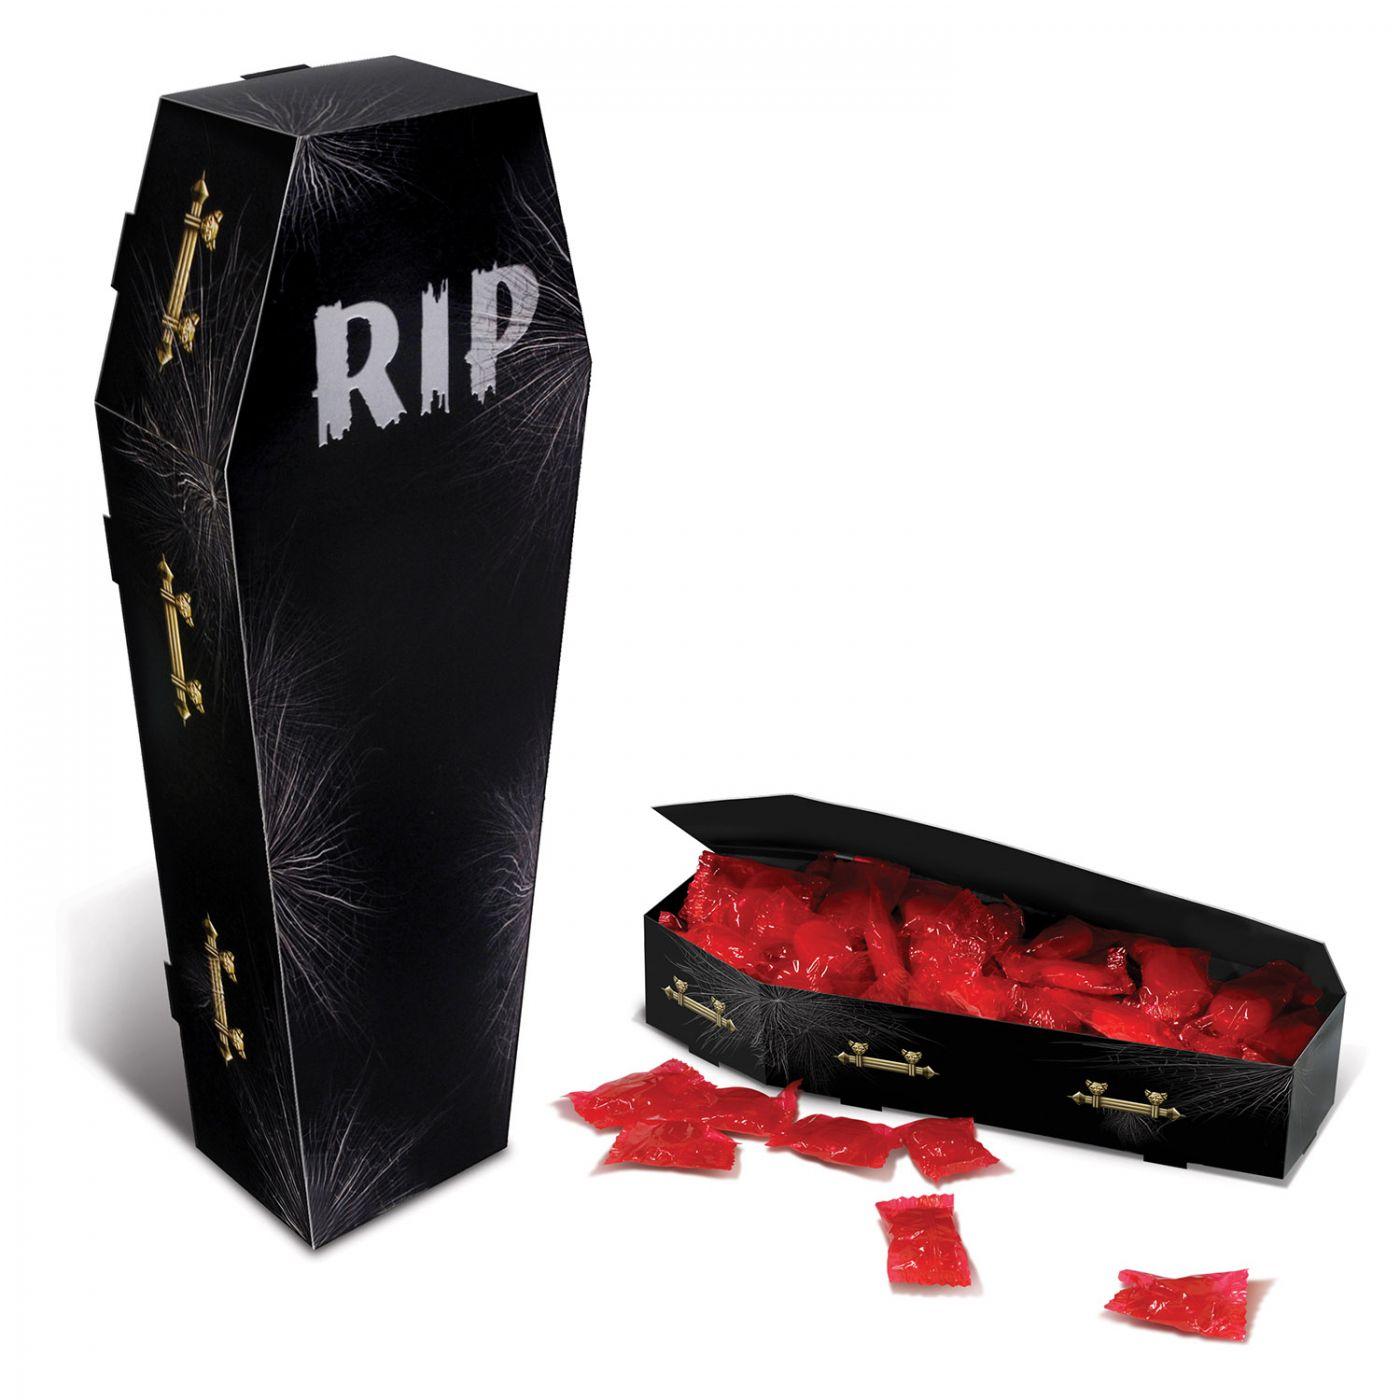 Coffin Centerpiece image